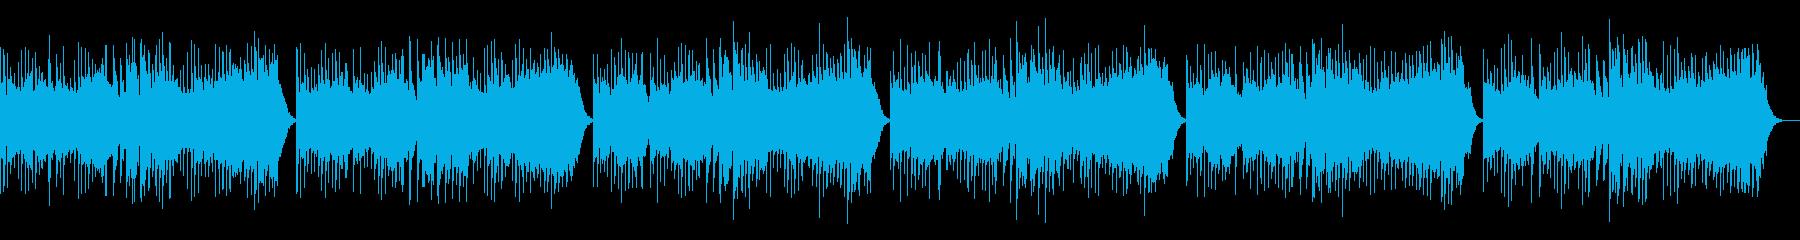 ベートーベン第九 / オルゴールの再生済みの波形